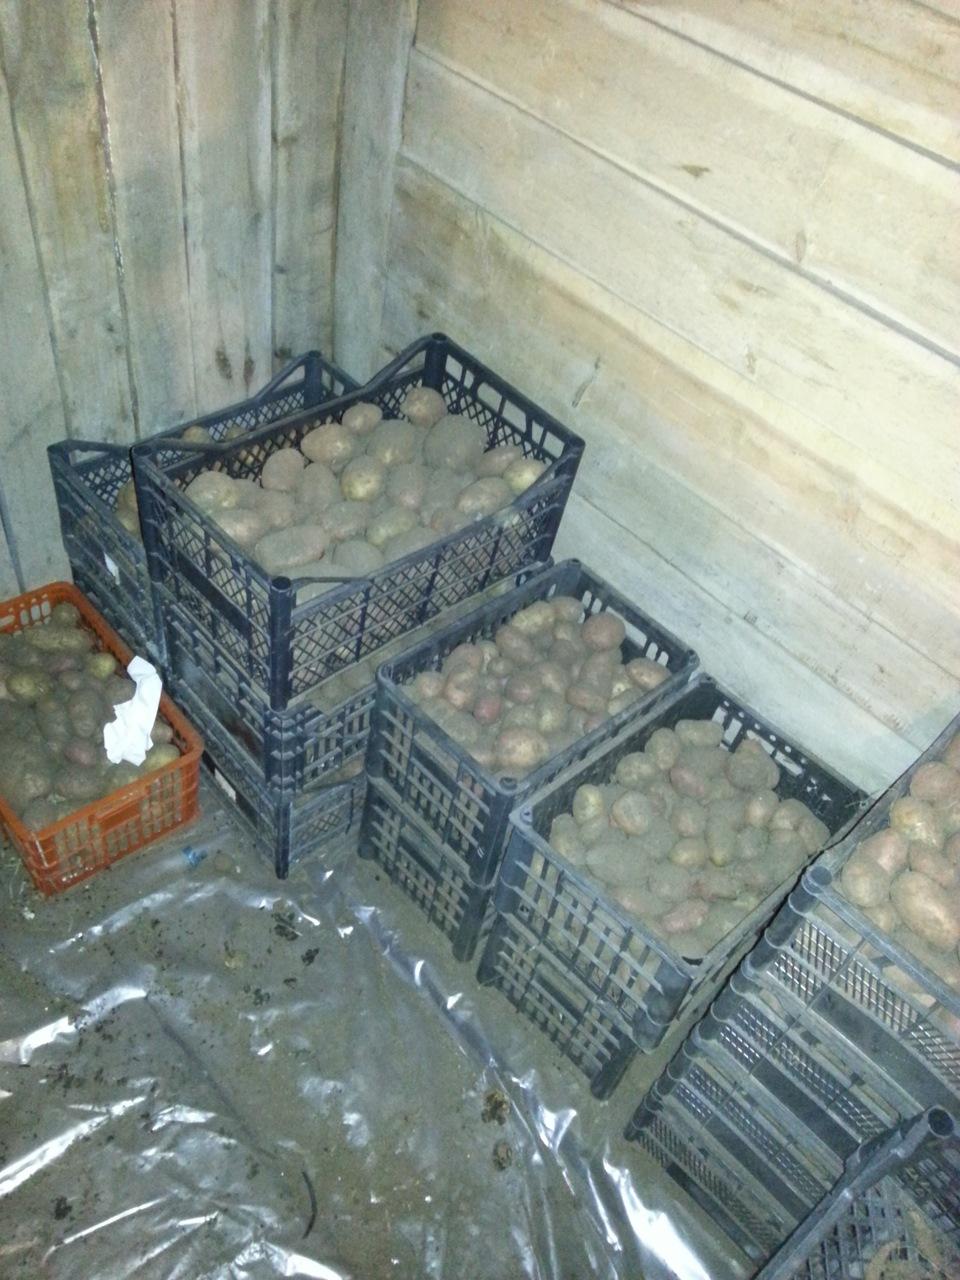 Подвал, обустроенный в качестве погреба для сохранности продуктов питания, в отопительной системе не нуждается – в таком хранилище всегда должно быть немного прохладно.